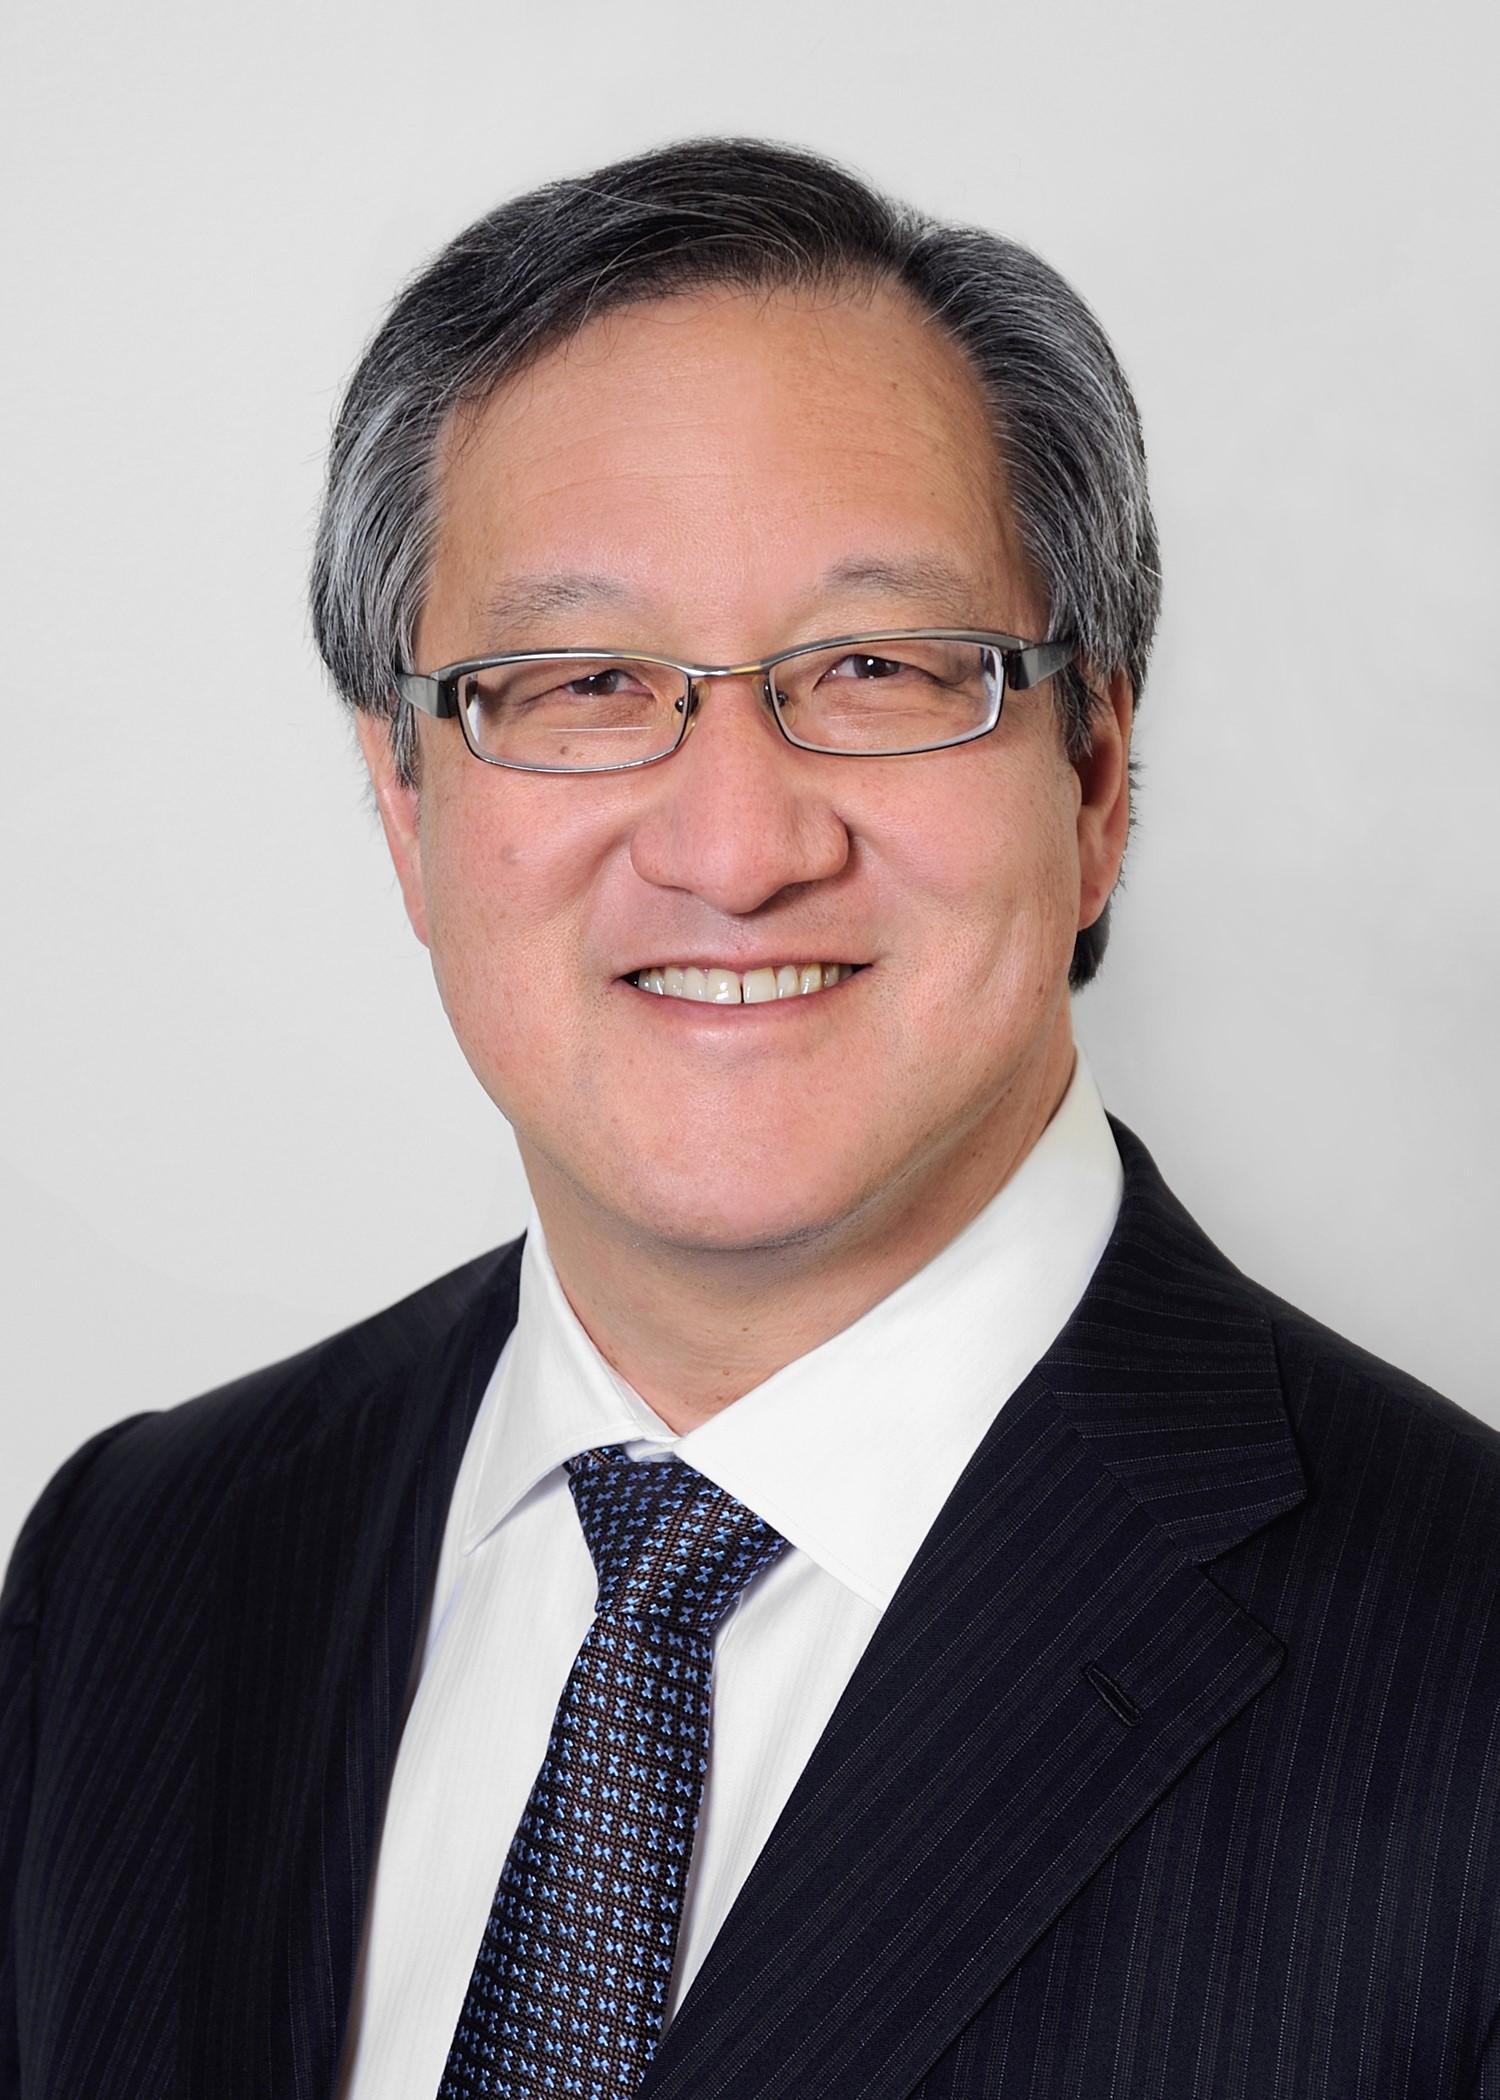 Peter Yu Headshot